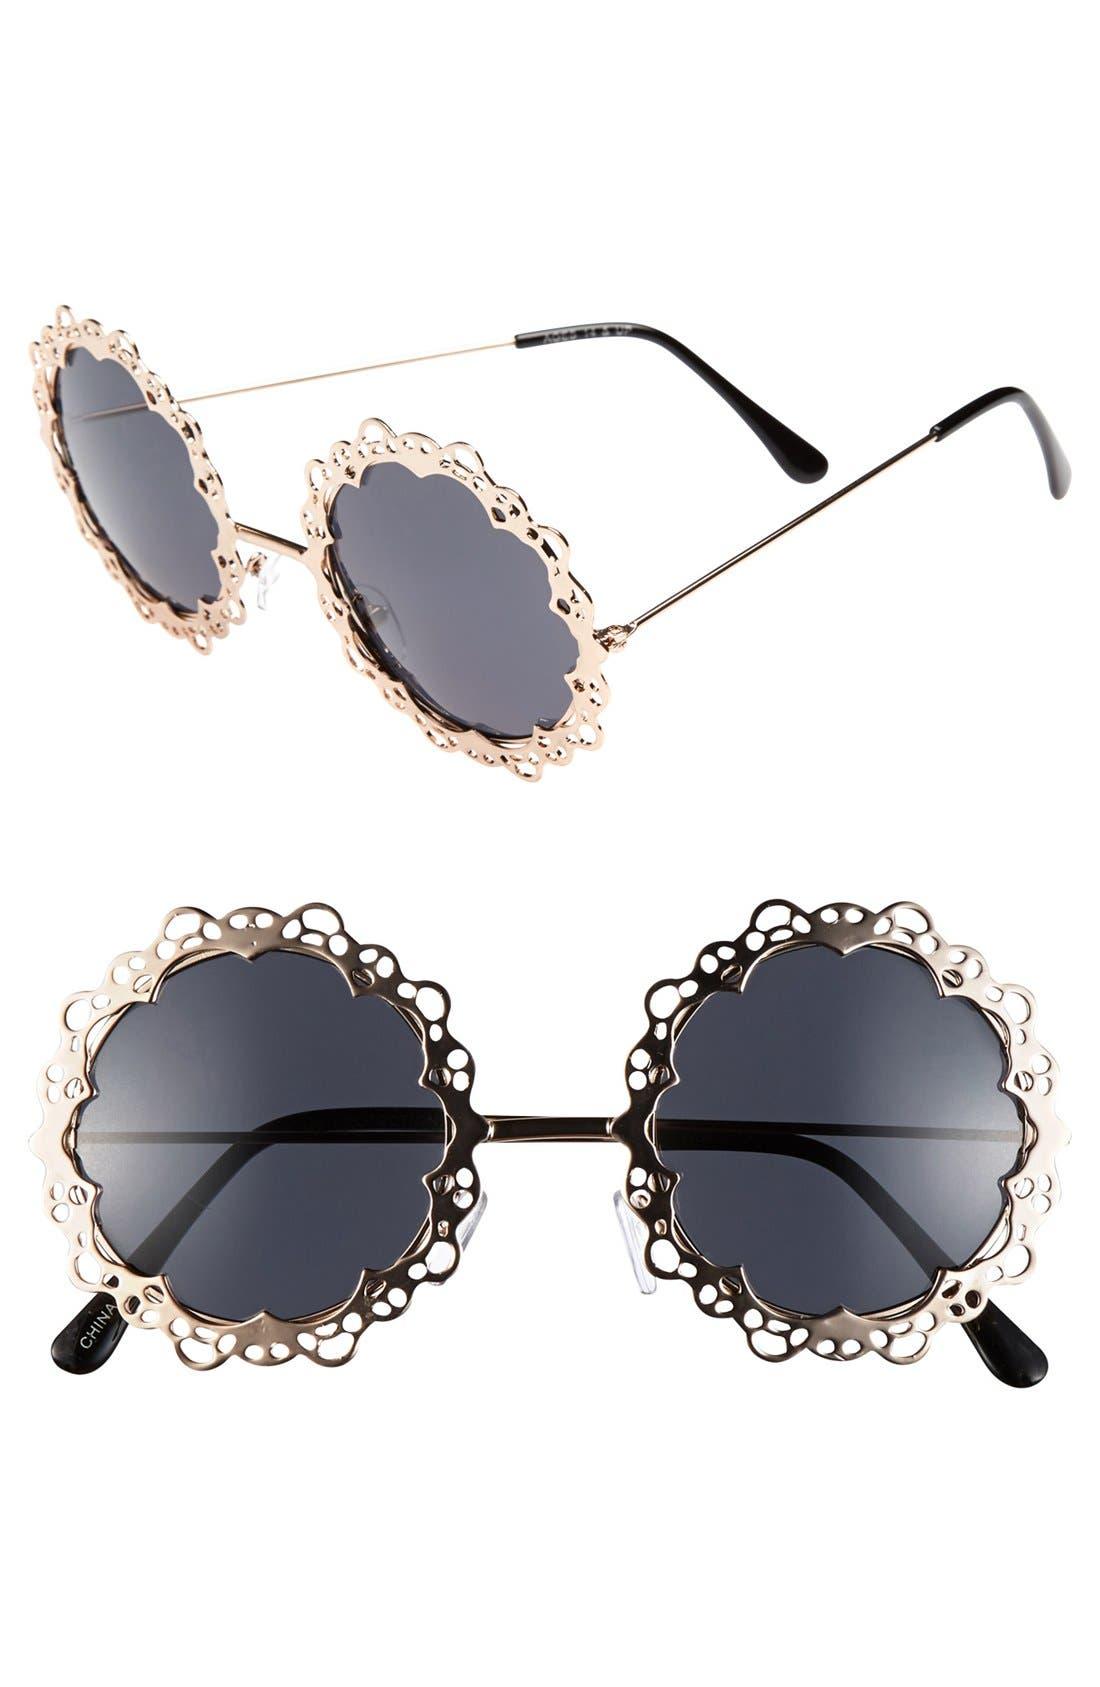 Main Image - FE NY Round Sunglasses